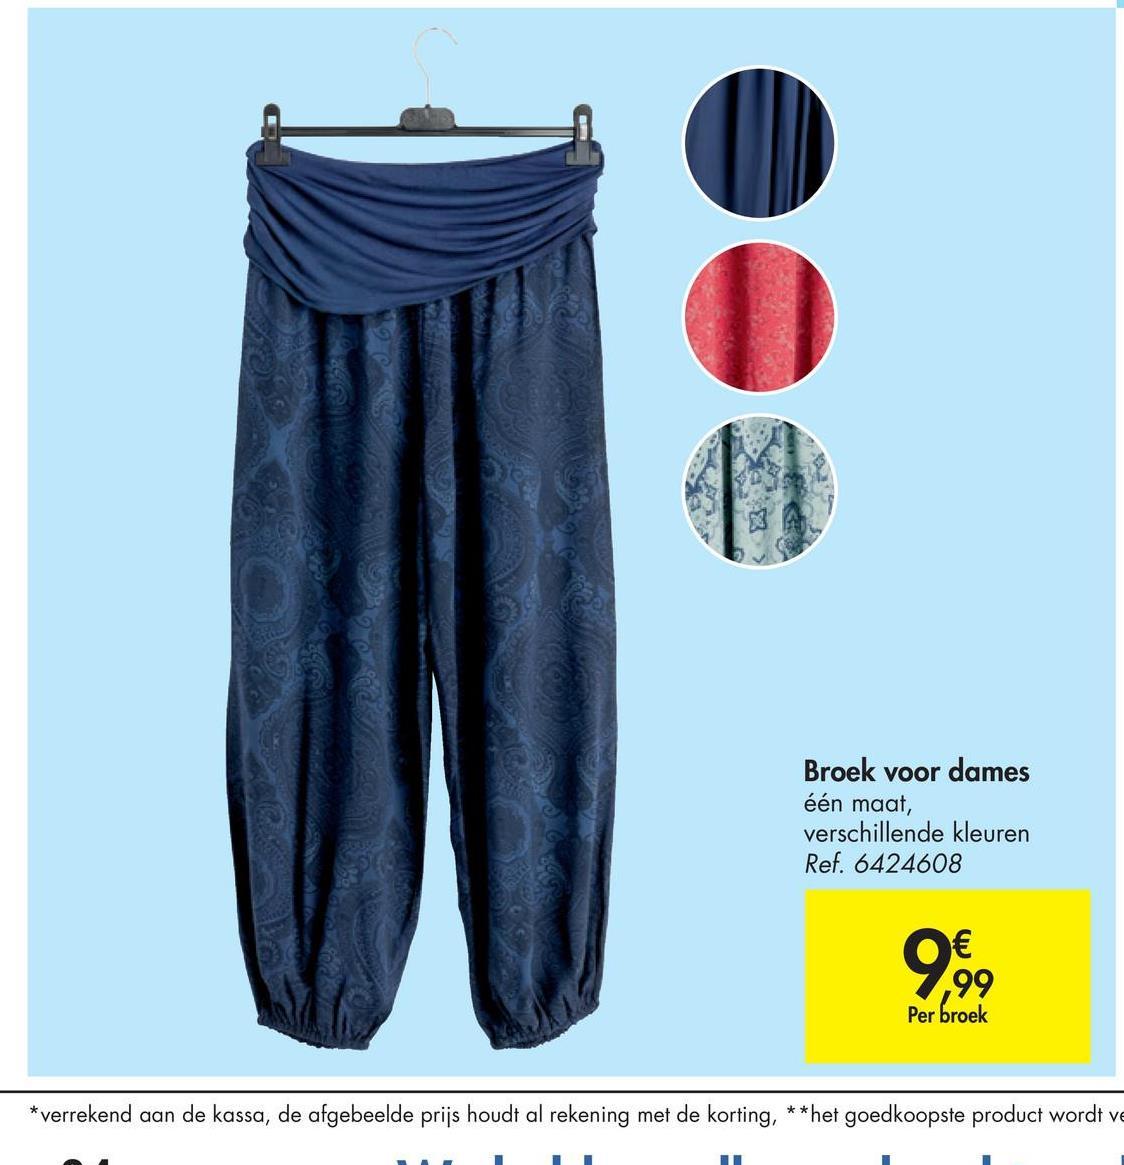 Broek voor dames één maat, verschillende kleuren Ref. 6424608 € ,99 Per broek *verrekend aan de kassa, de afgebeelde prijs houdt al rekening met de korting, ** het goedkoopste product wordt ve